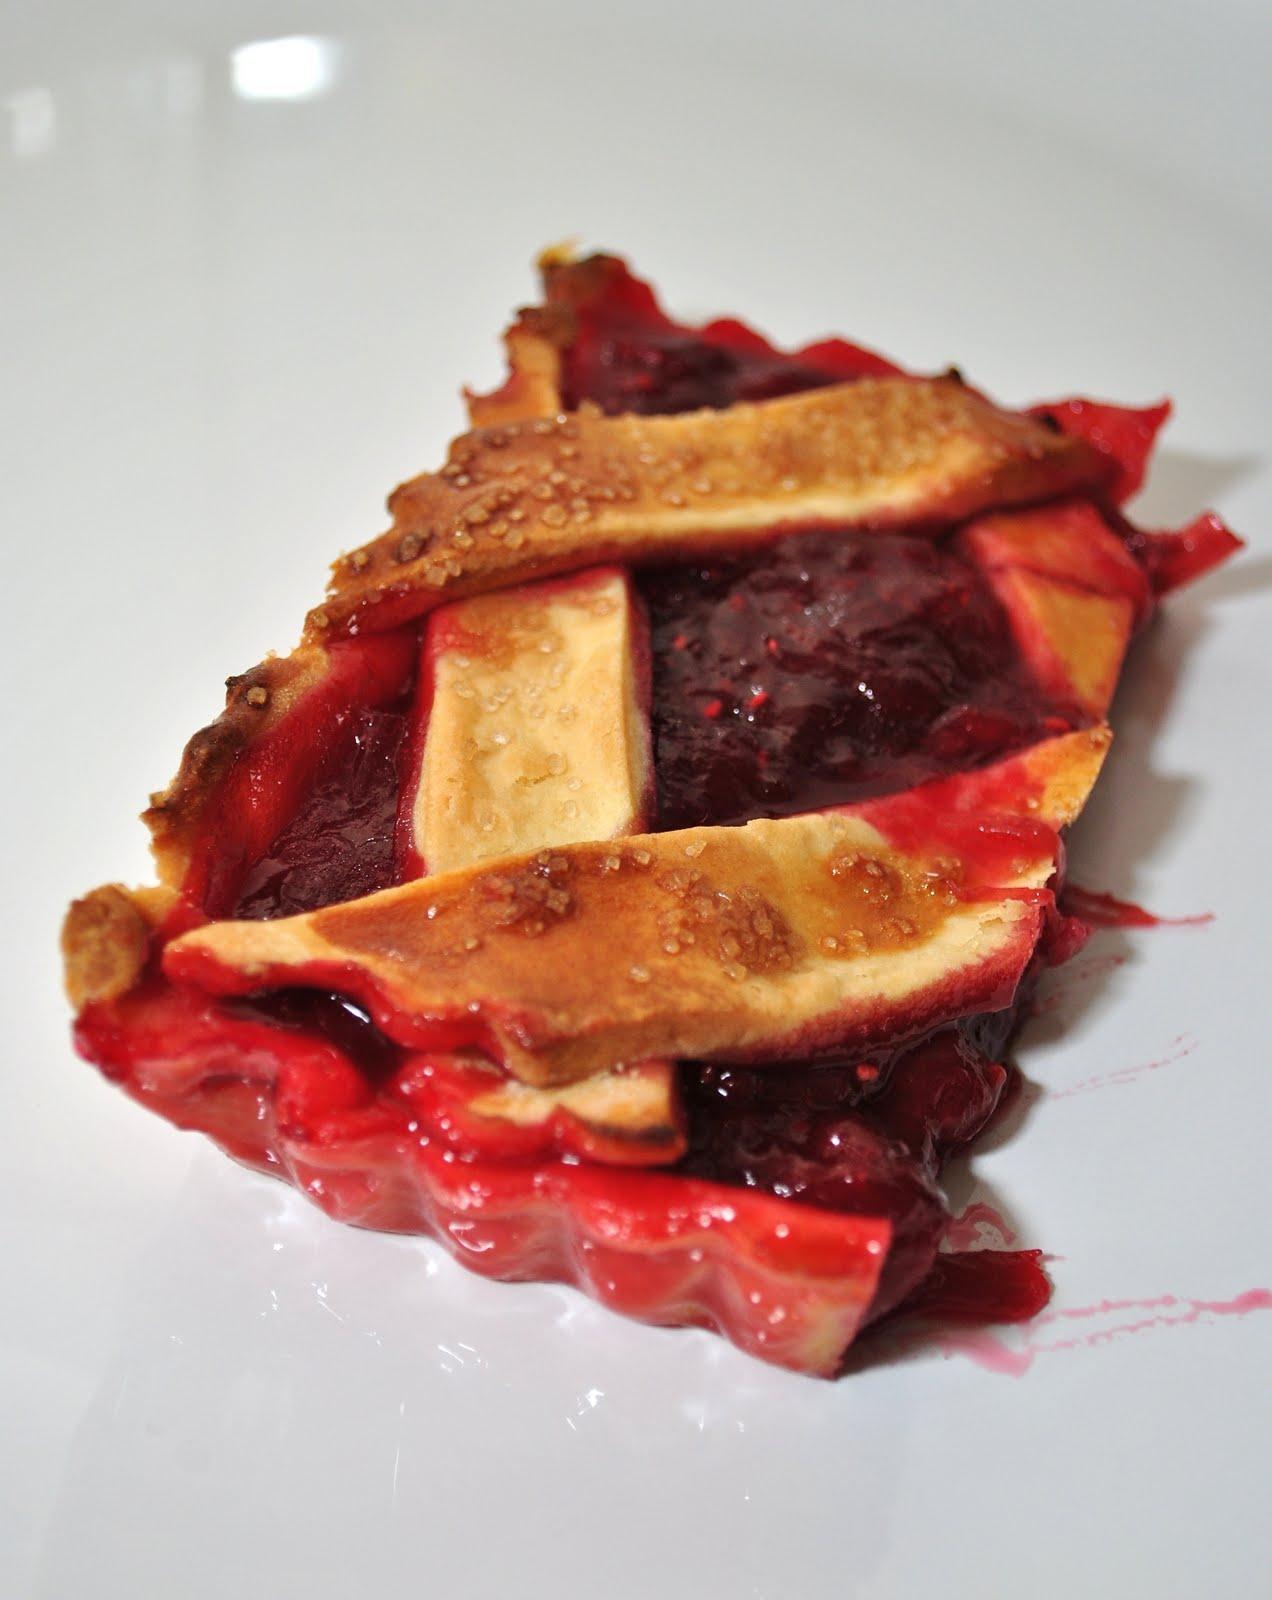 Scandi Home: Rhubarb and raspberry crostata